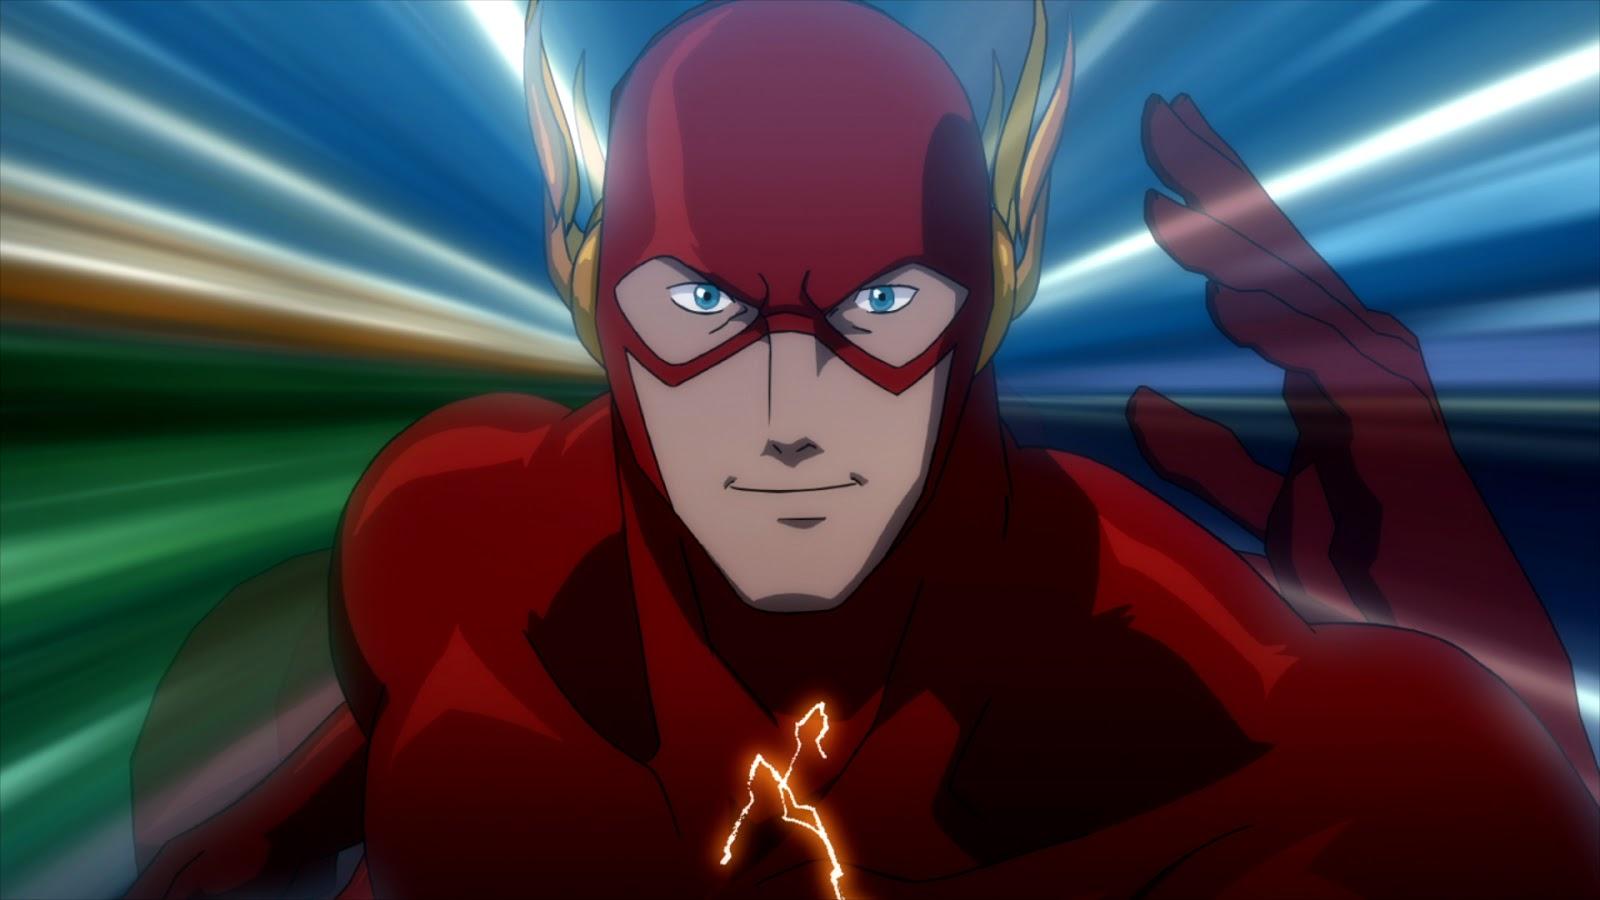 Animação da DC 'Justice League: The Flashpoint Paradox' ganha novo clipe    Estação Geek